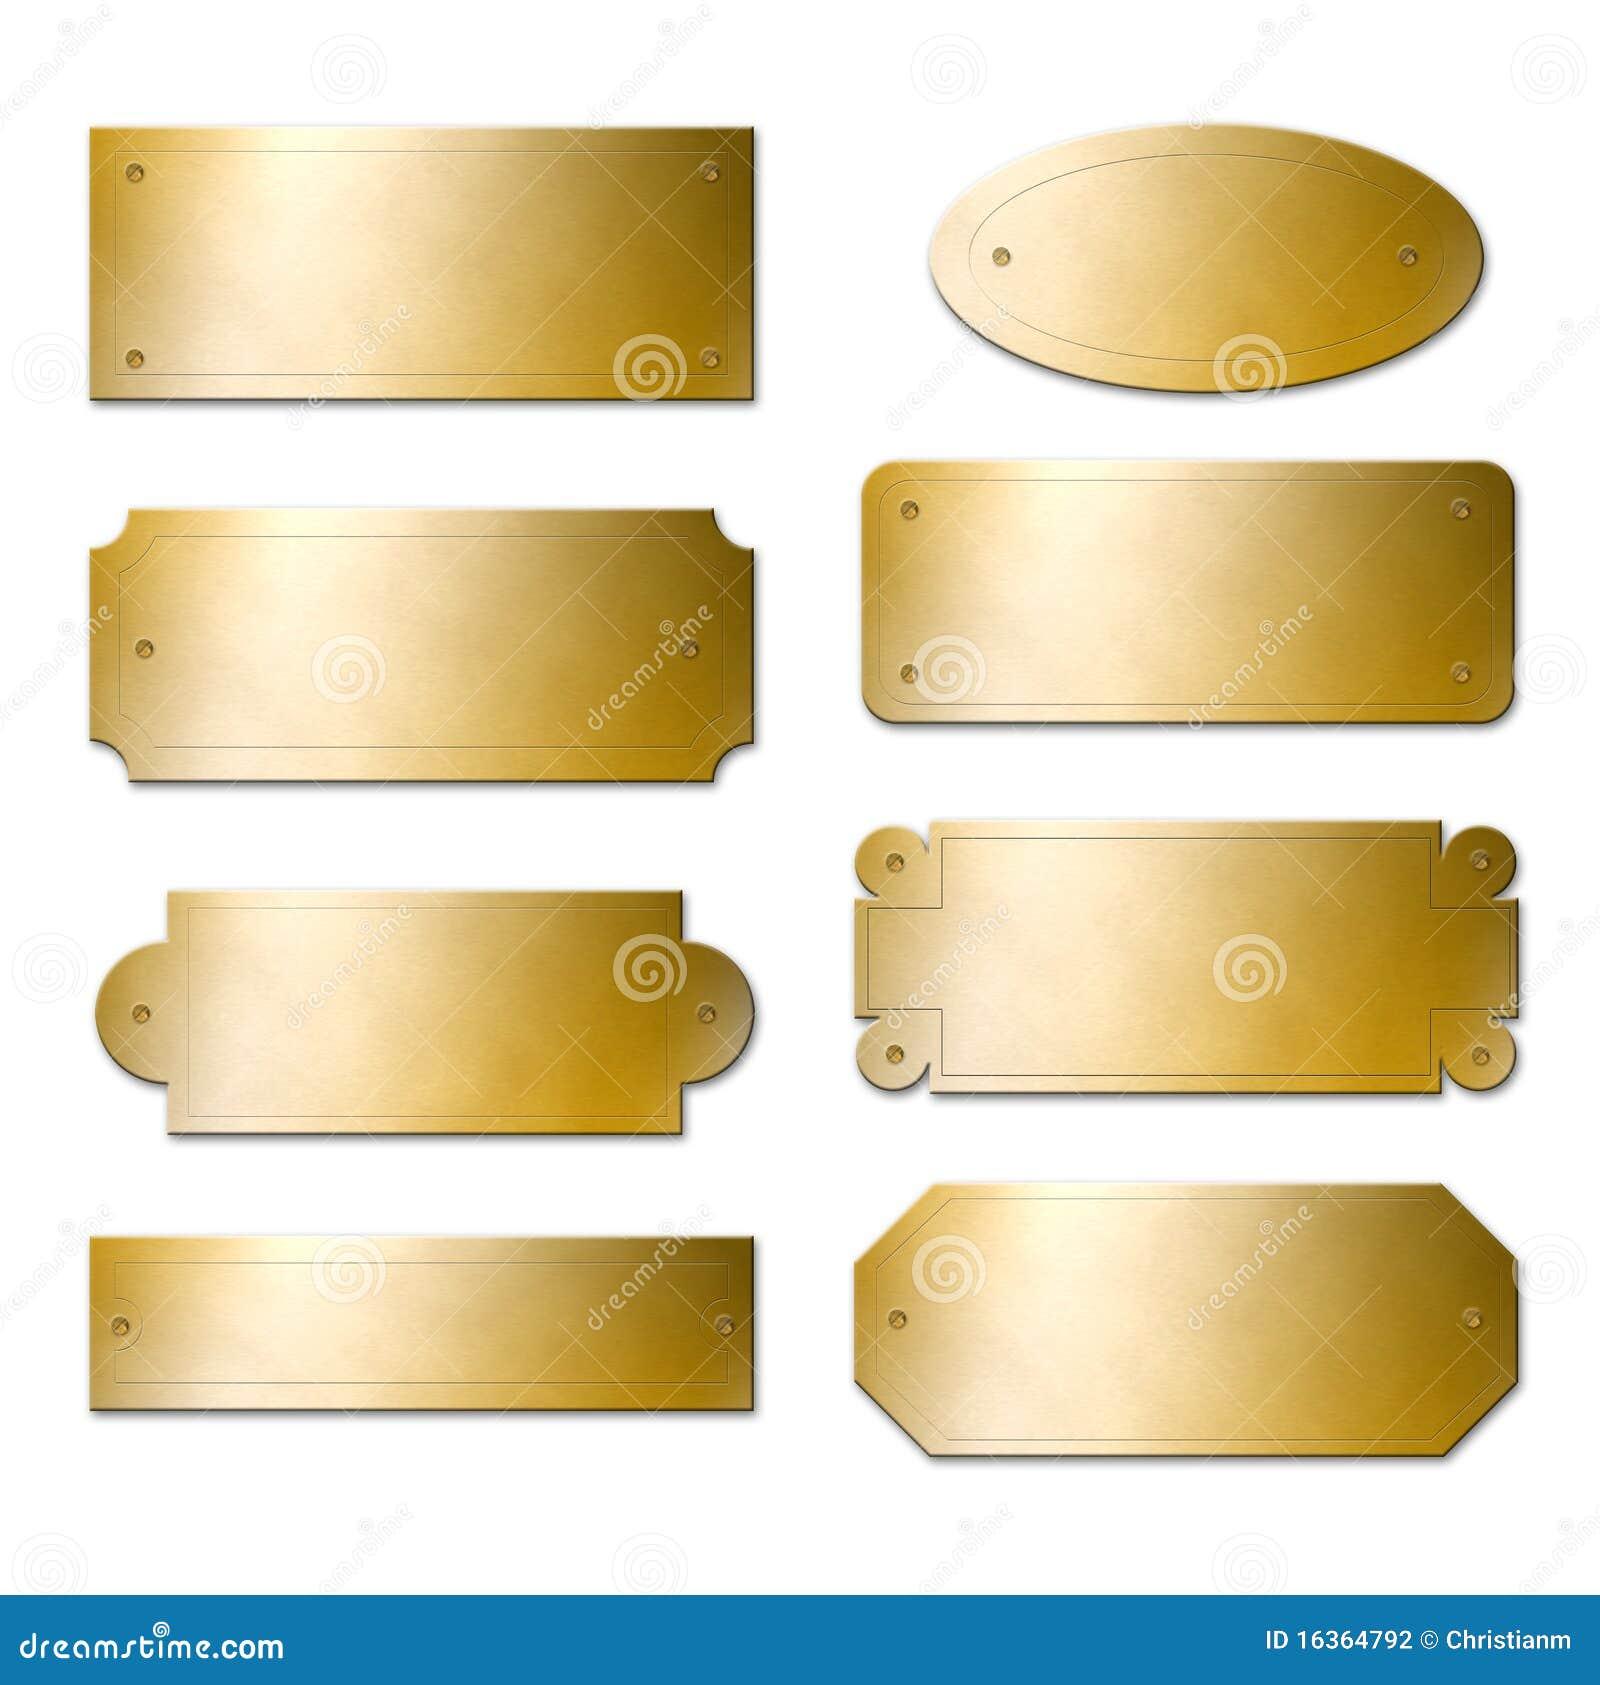 Plaques en laiton photographie stock image 16364792 - Plaque de laiton ...